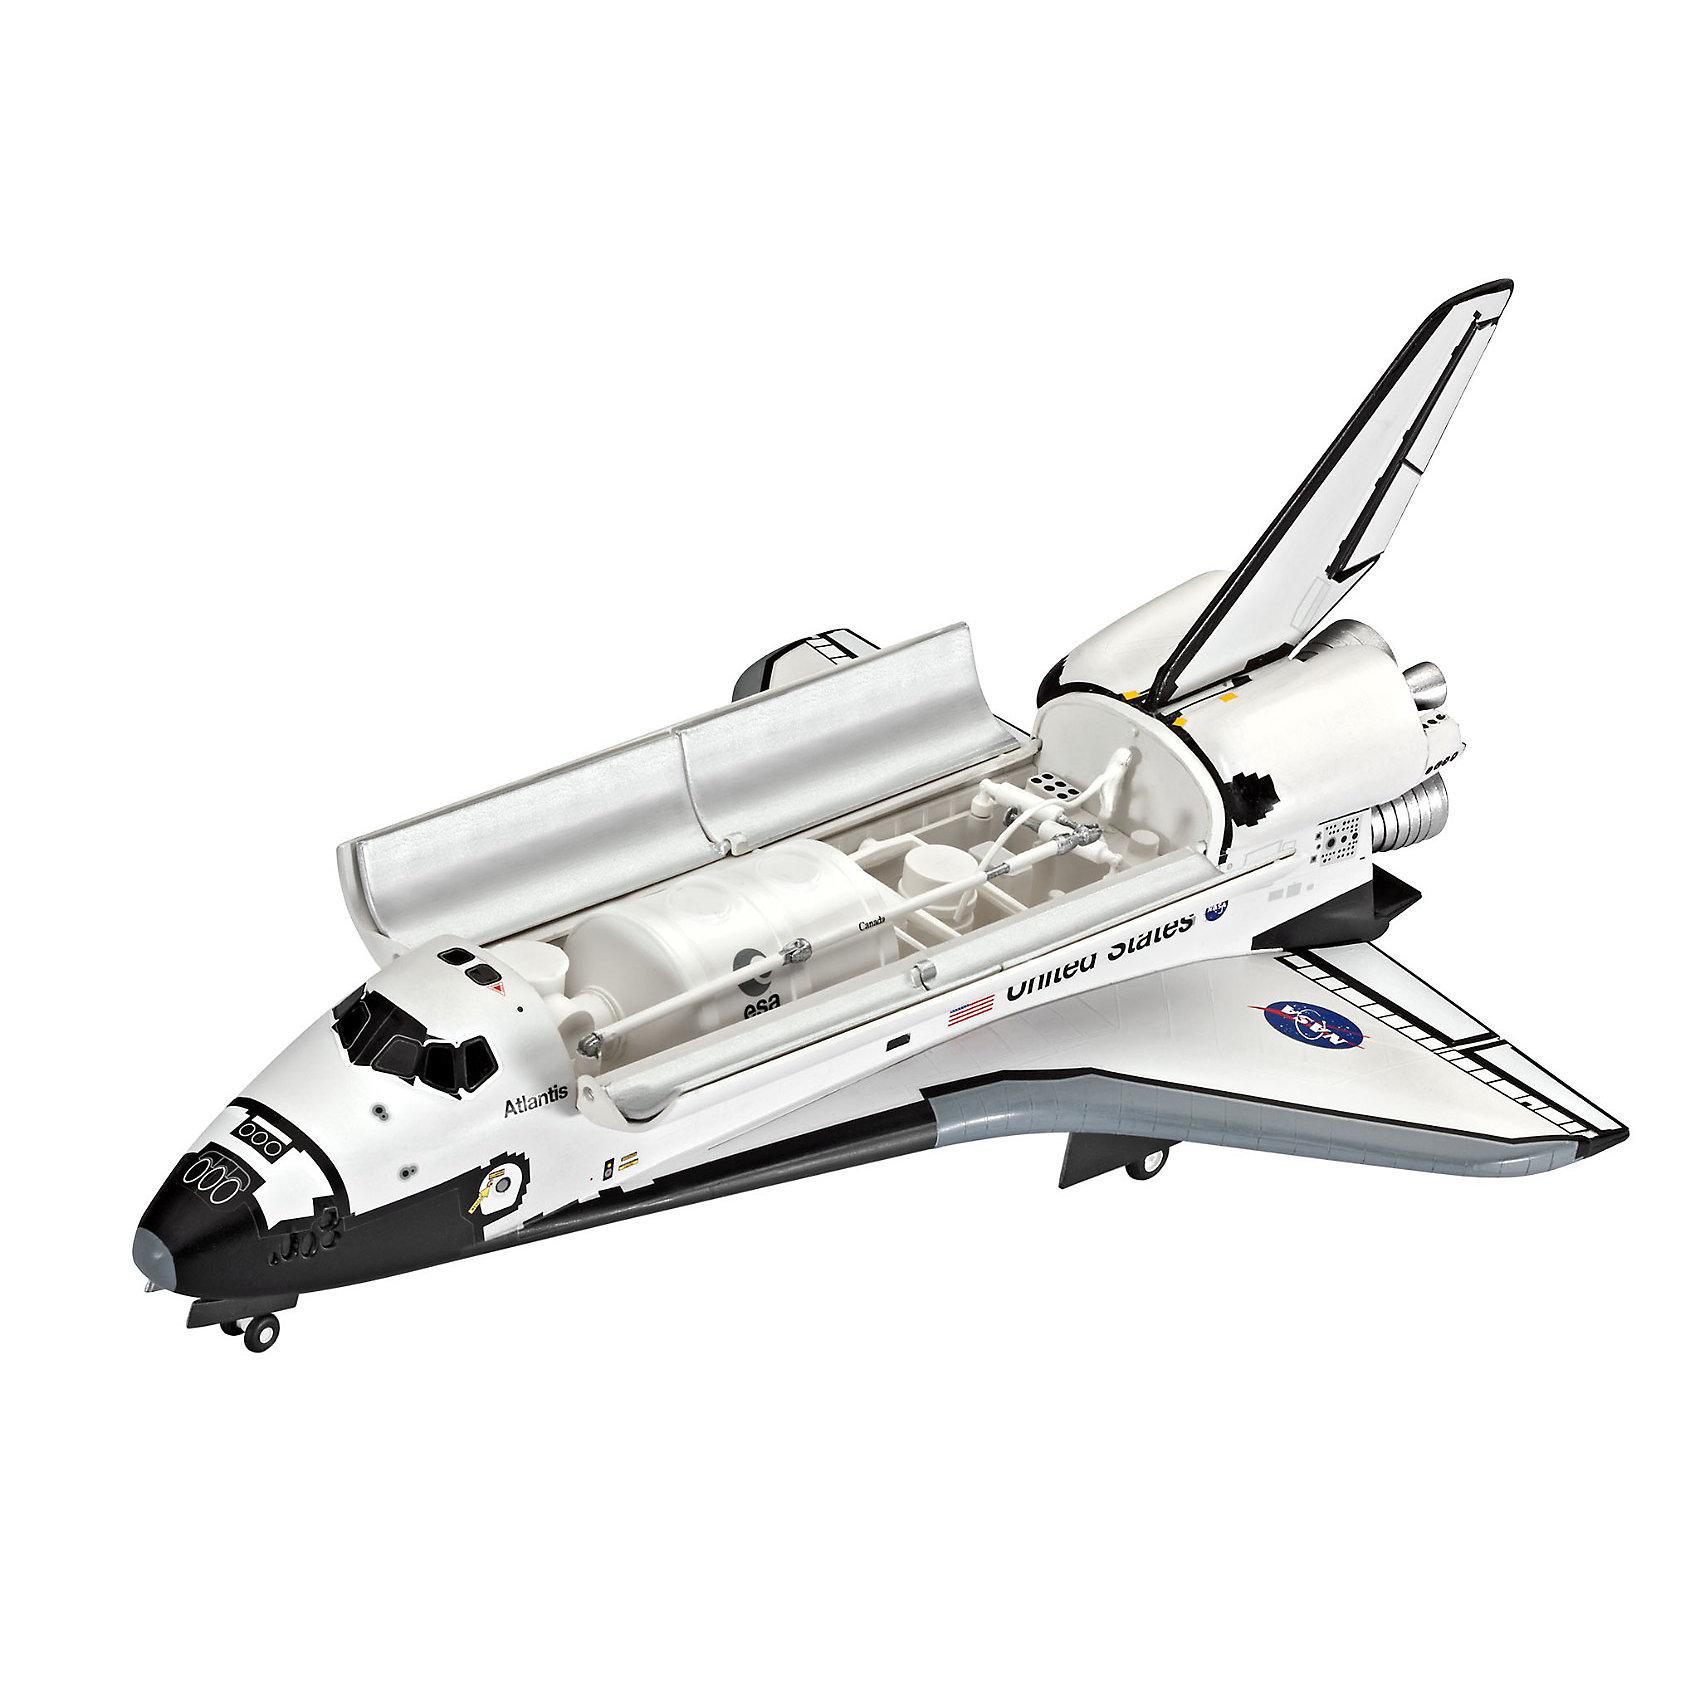 Космический корабль AtlantisМодели для склеивания<br>Сборная модель космического шаттла Atlantis. Четвертый из серии космических транспортных кораблей NASA. Строительство корабля началось в 1980 году, а через 5 лет он совершил свой первый полет. Всего Atlantis совершил 33 вылета. Последний полет был осуществлен 8 июля 2011 года. Сейчас шаттл находится в космическом центре им. Кеннеди на мысе Канаверал. <br>Масштаб: 1:144 <br>Количество деталей: 64 <br>Длина модели: 252 мм <br>Размах крыльев: 167 мм <br>Клей и краски в комплект не входят. Аксессуары приобретаются отдельно.<br><br>Ширина мм: 370<br>Глубина мм: 238<br>Высота мм: 67<br>Вес г: 375<br>Возраст от месяцев: 120<br>Возраст до месяцев: 180<br>Пол: Мужской<br>Возраст: Детский<br>SKU: 3522867